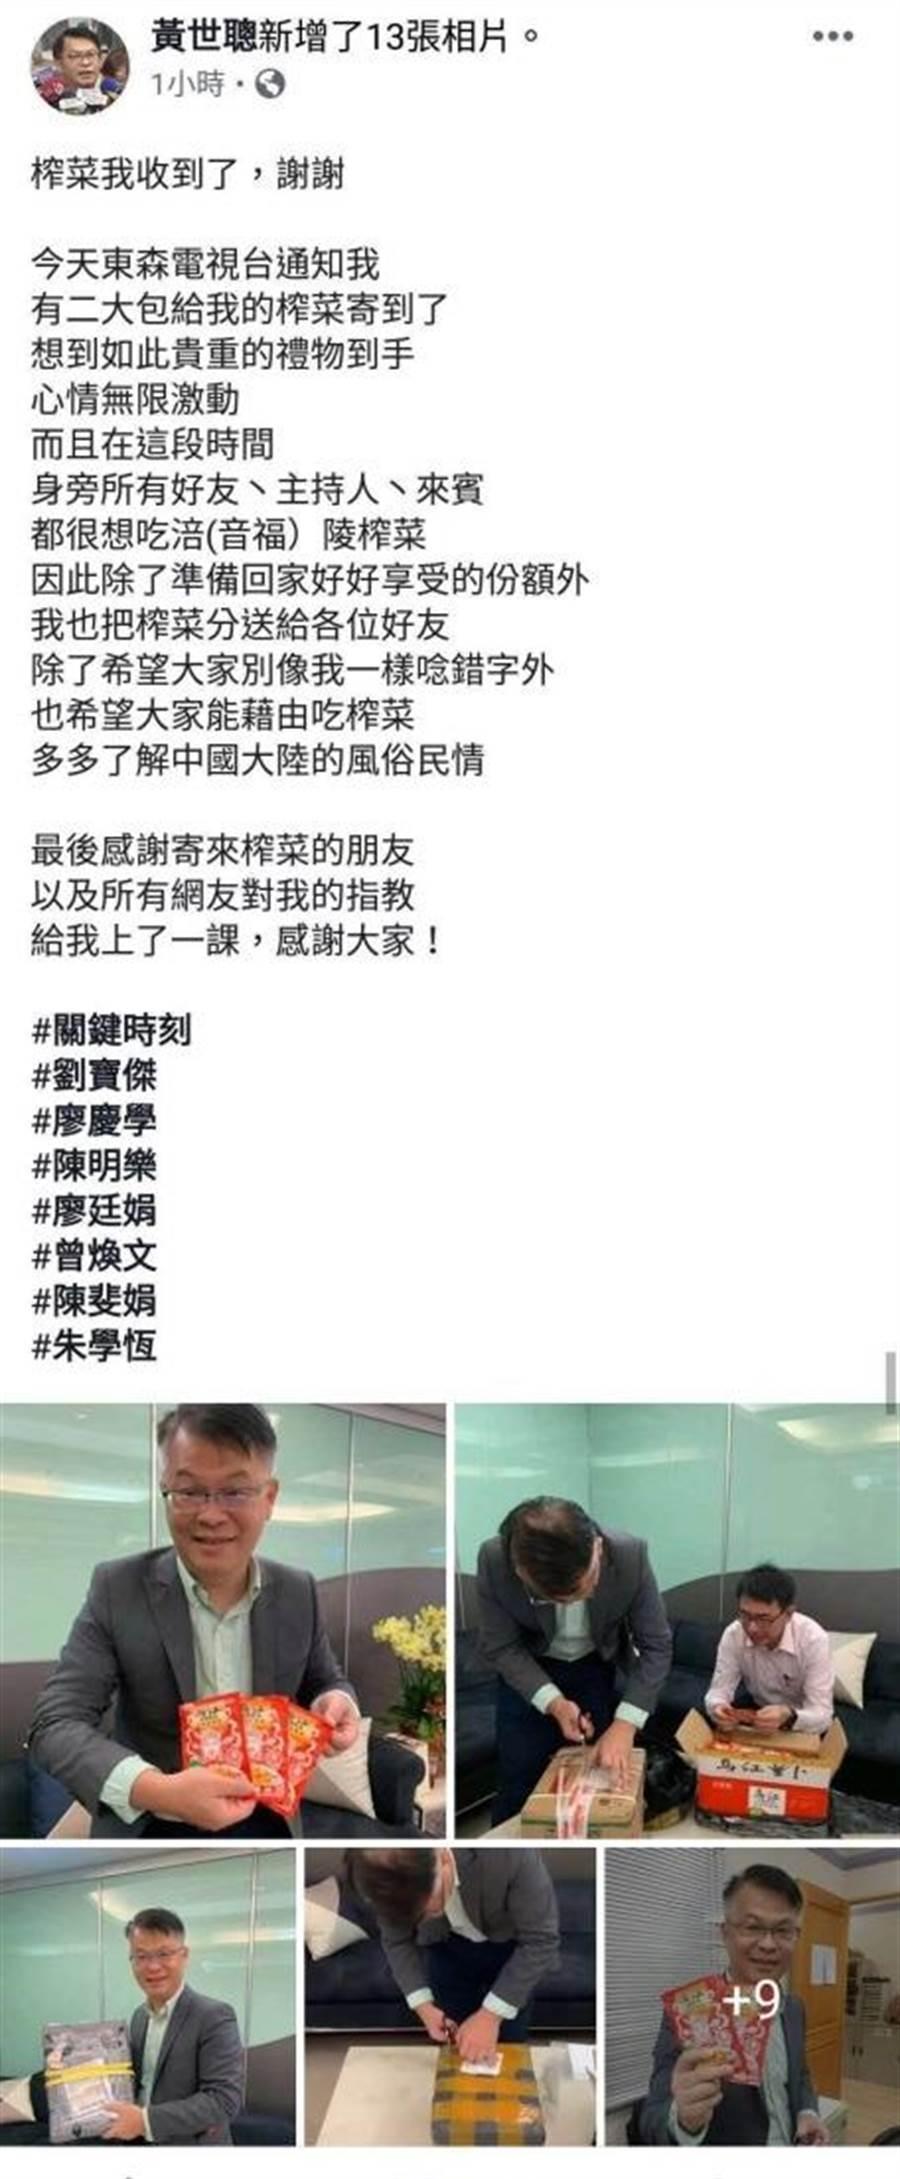 財經名嘴黃世聰因稱大陸民眾吃不起榨菜遭嘲笑,他17日表示收到了大陸朋友寄來的榨菜。